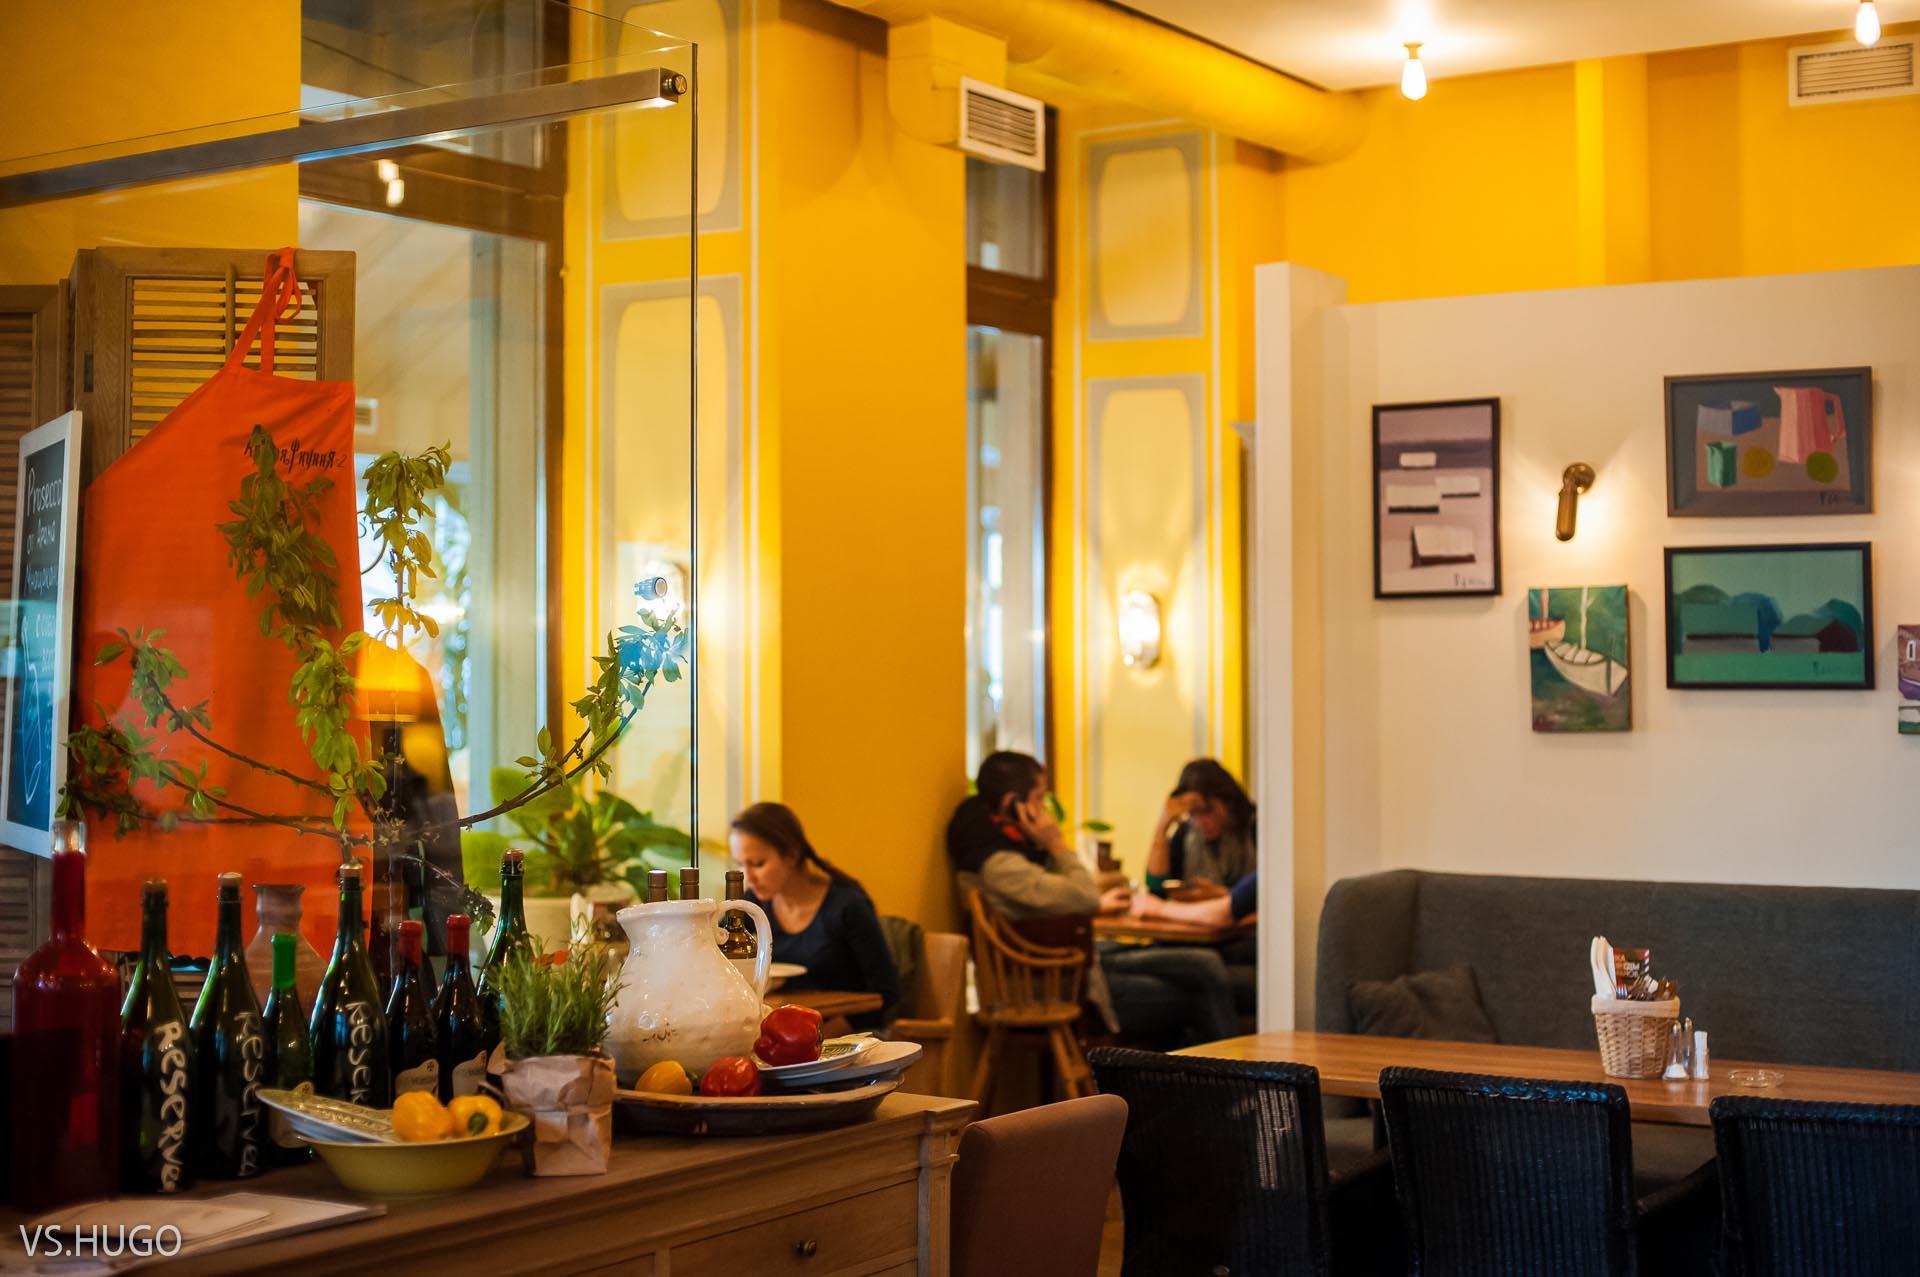 Кафе бары в московском районе спб